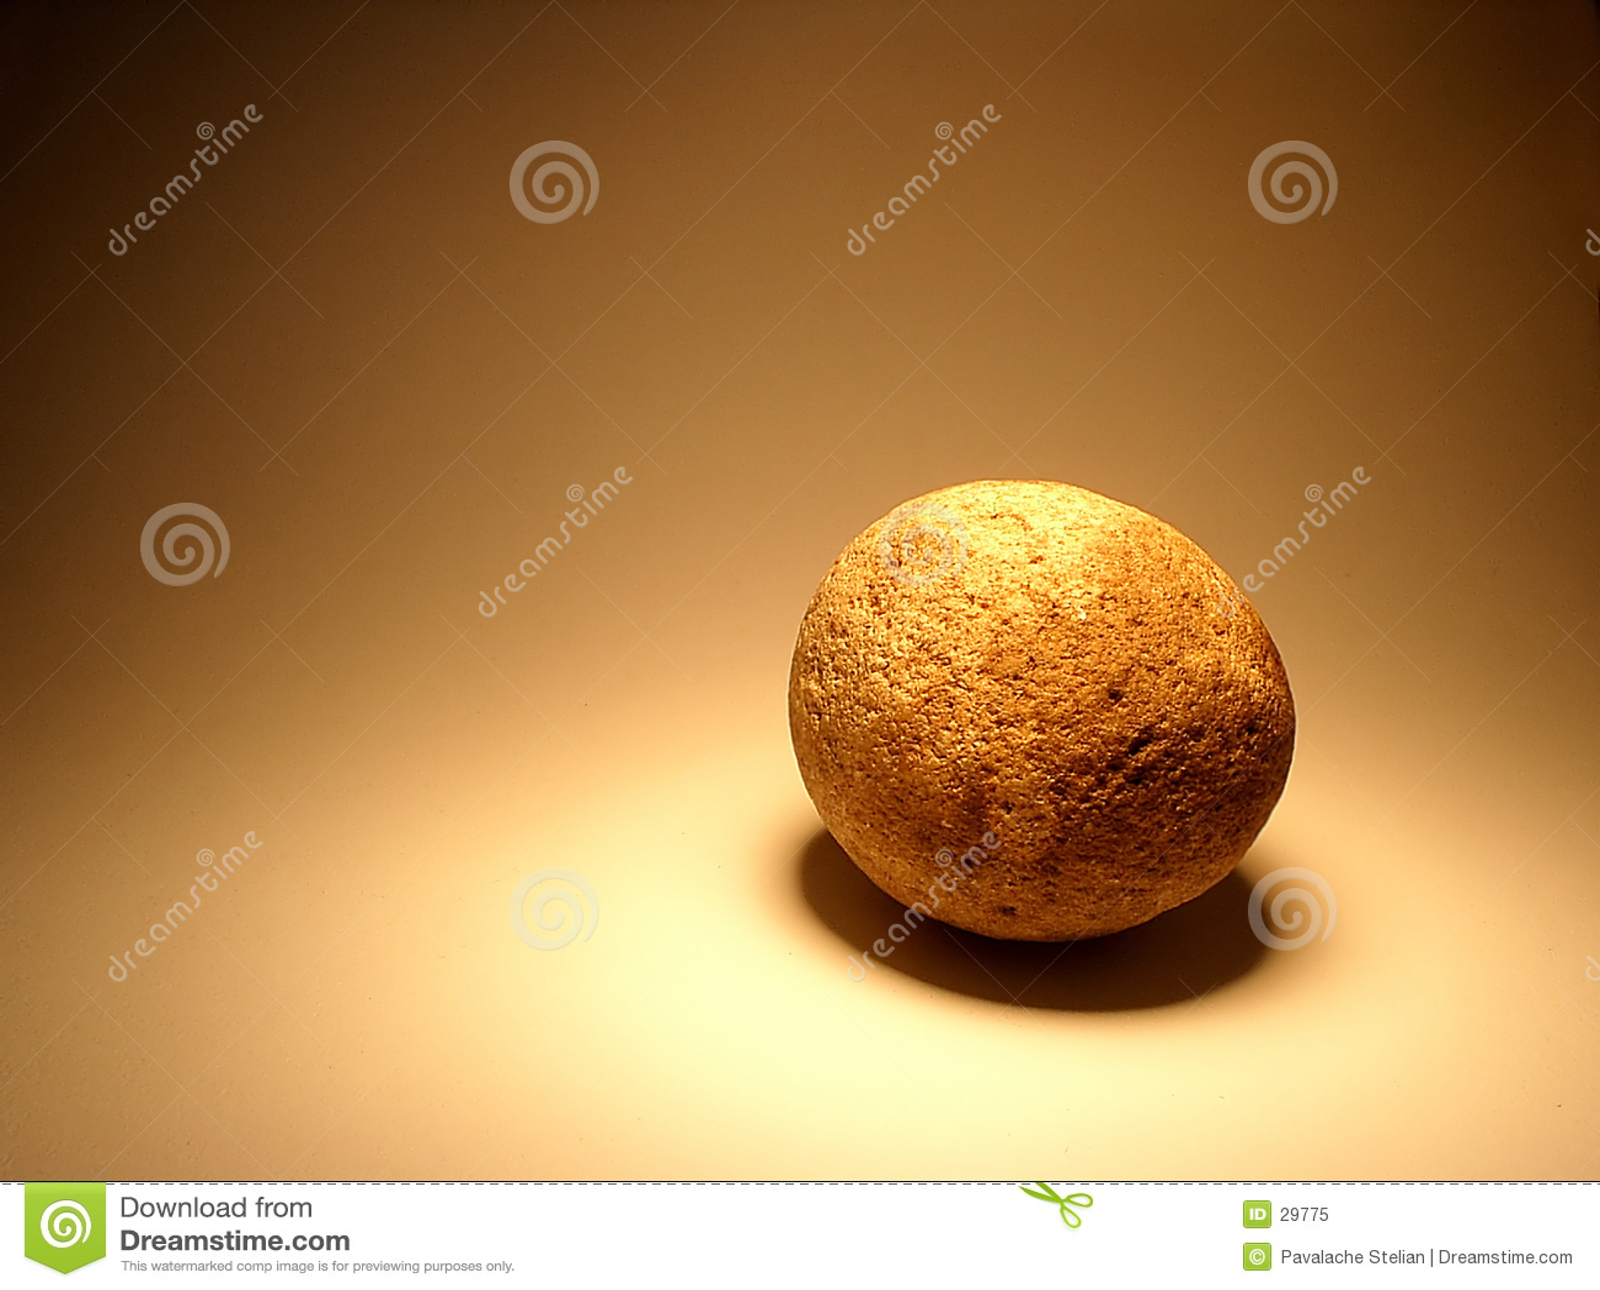 Jajko kamień